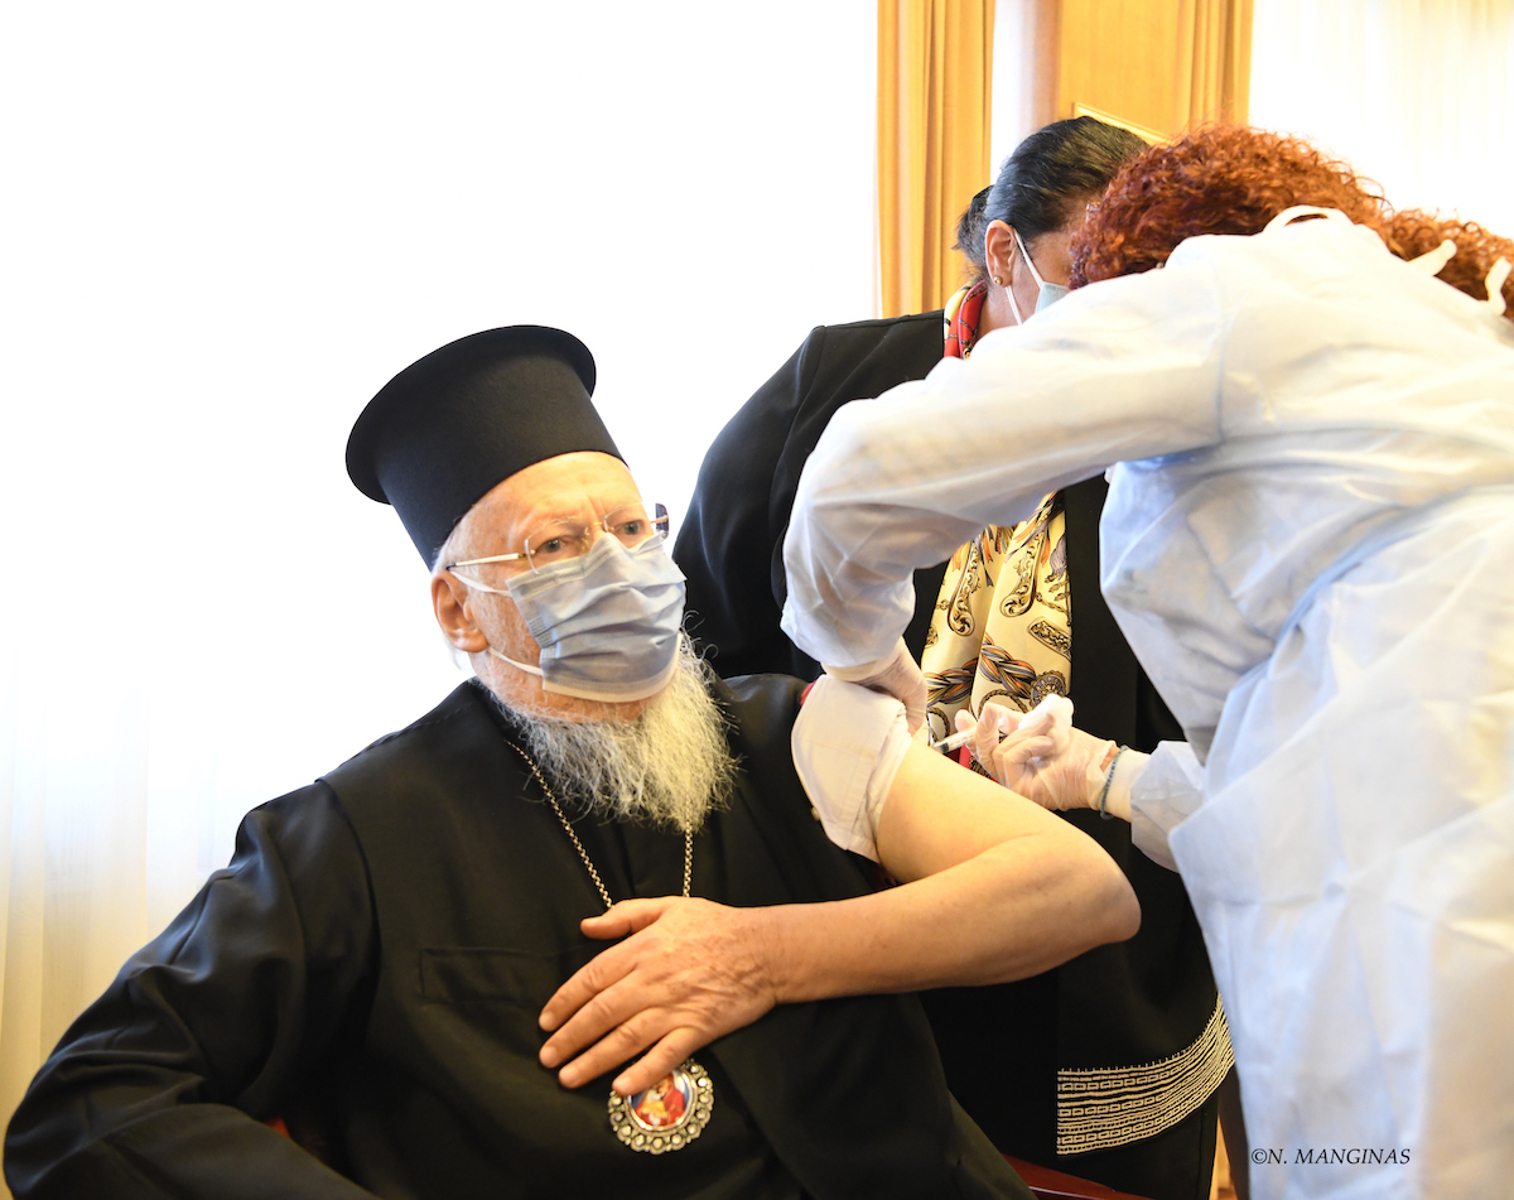 Ο Οικουμενικός Πατριάρχης Βαρθολομαίος εμβολιάστηκε κατά του κορονοϊού